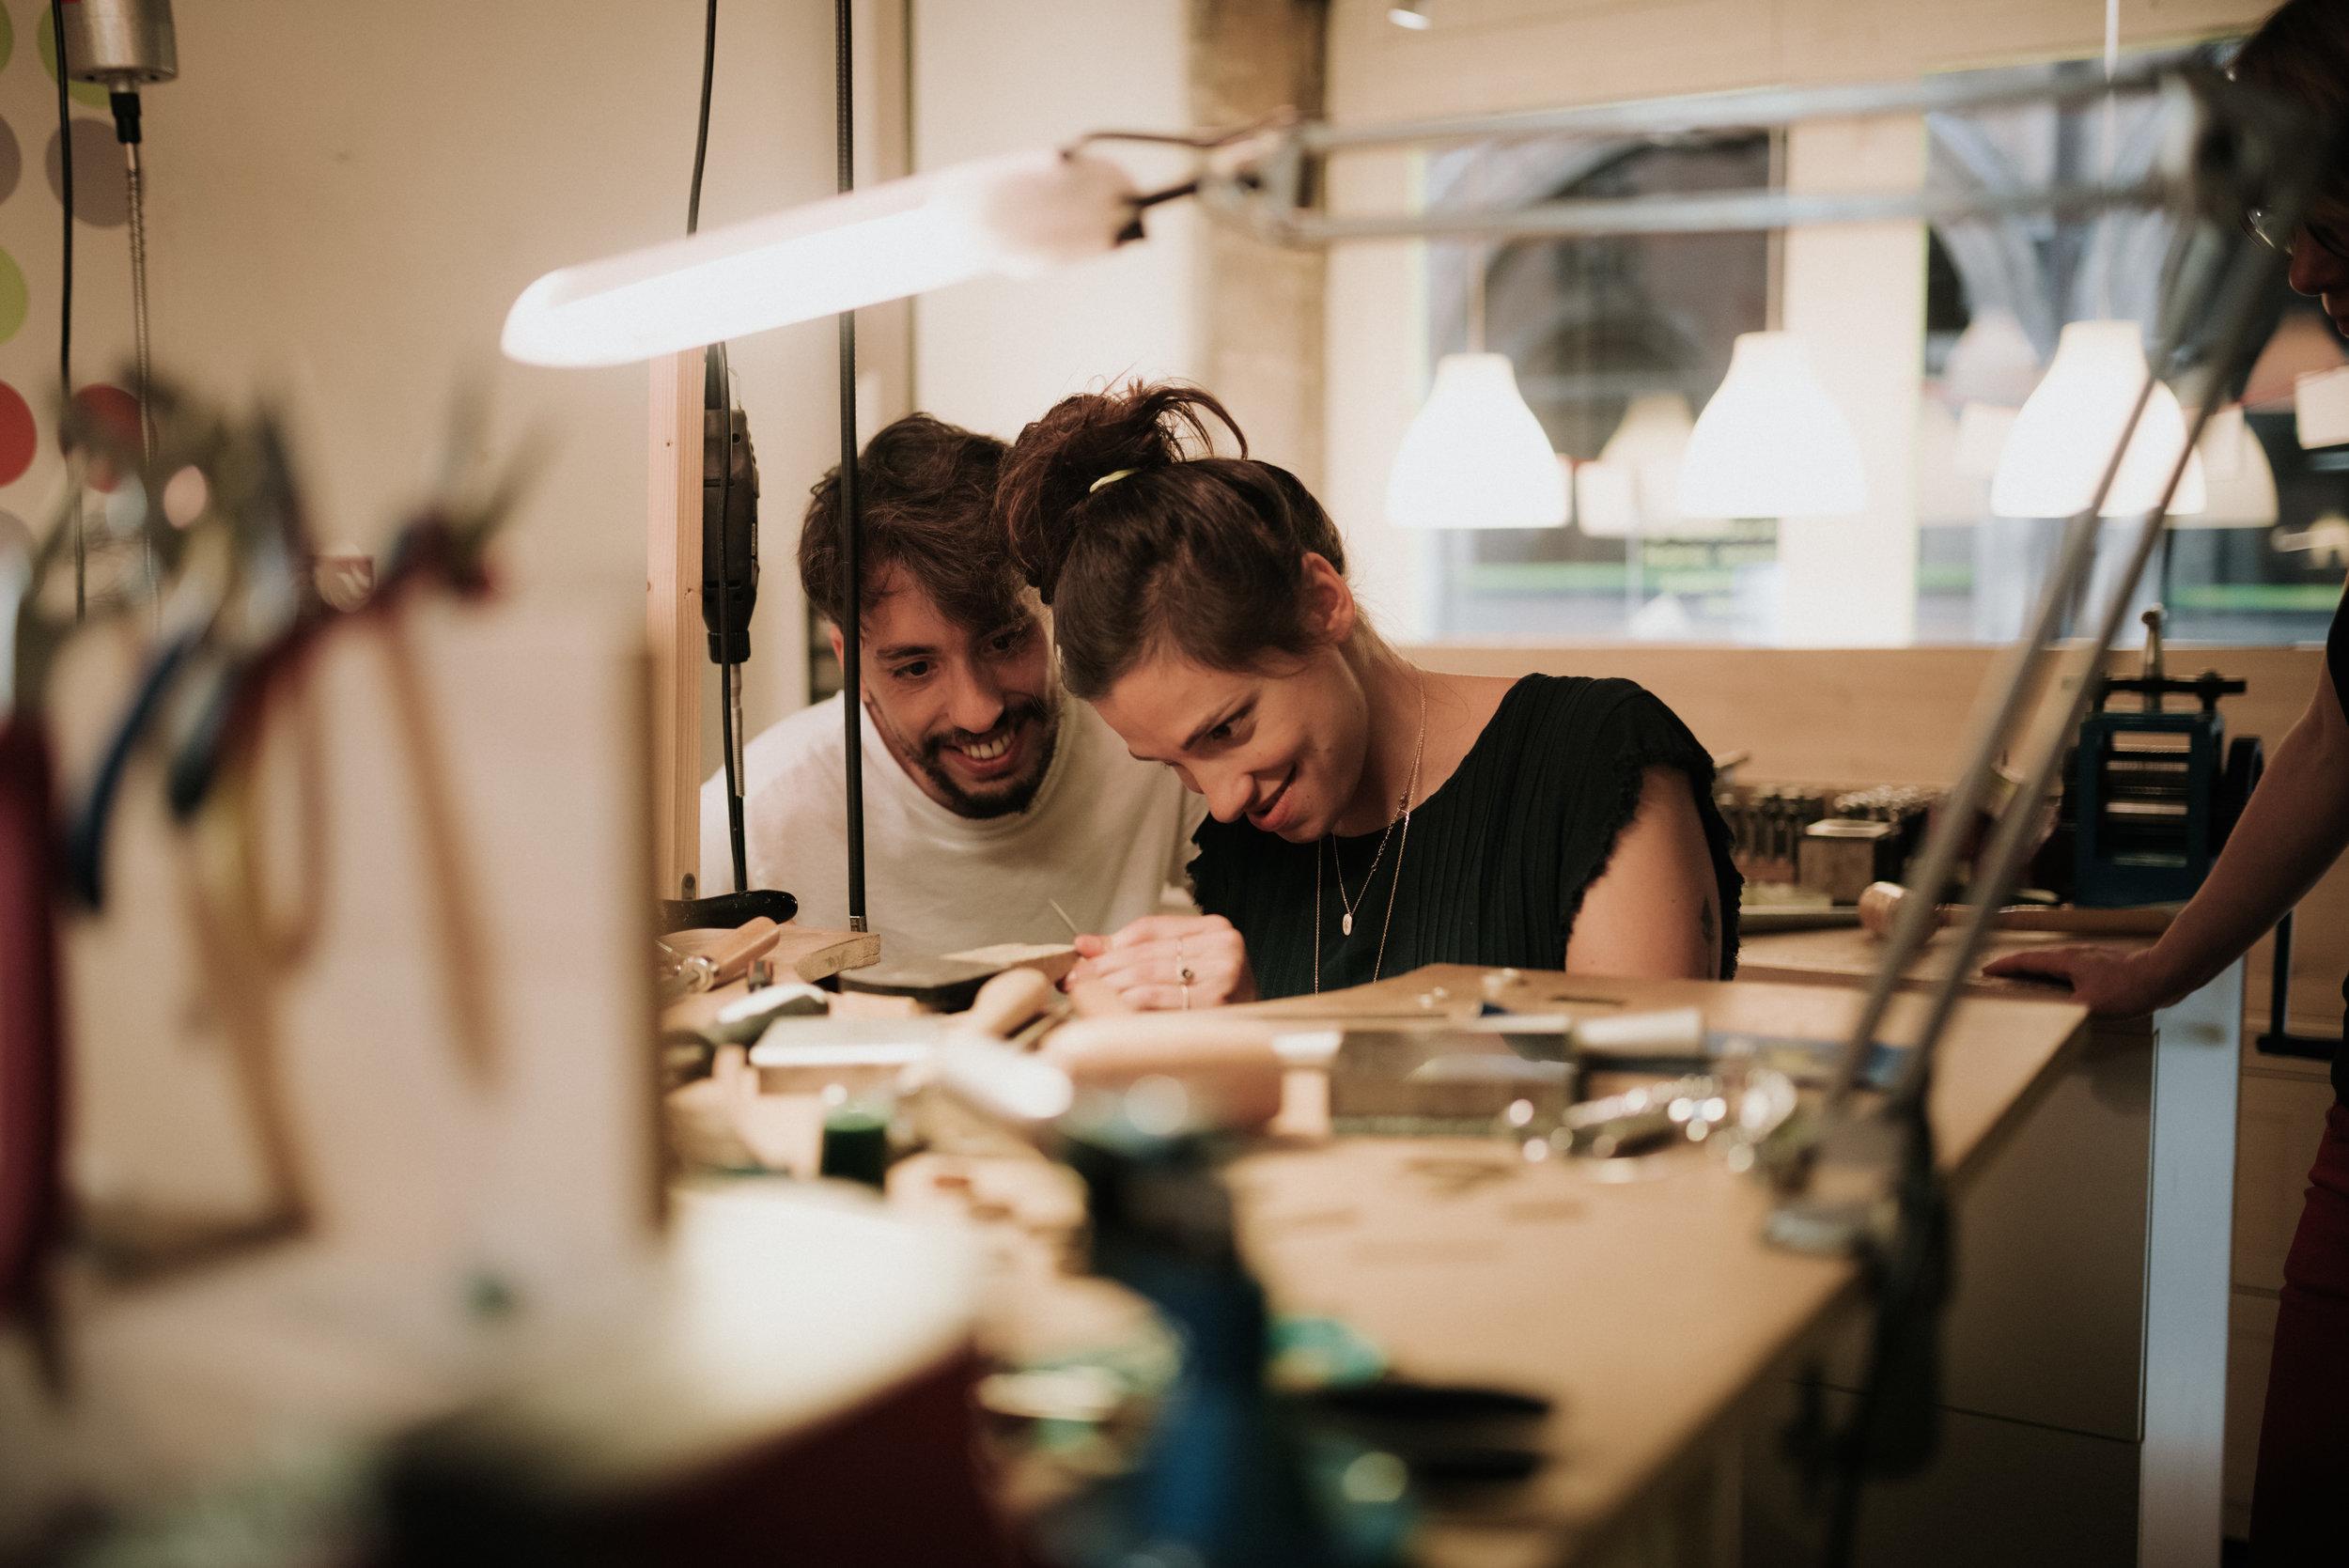 Léa-Fery-photographe-professionnel-lyon-rhone-alpes-portrait-creation-mariage-evenement-evenementiel-famille-9068.jpg